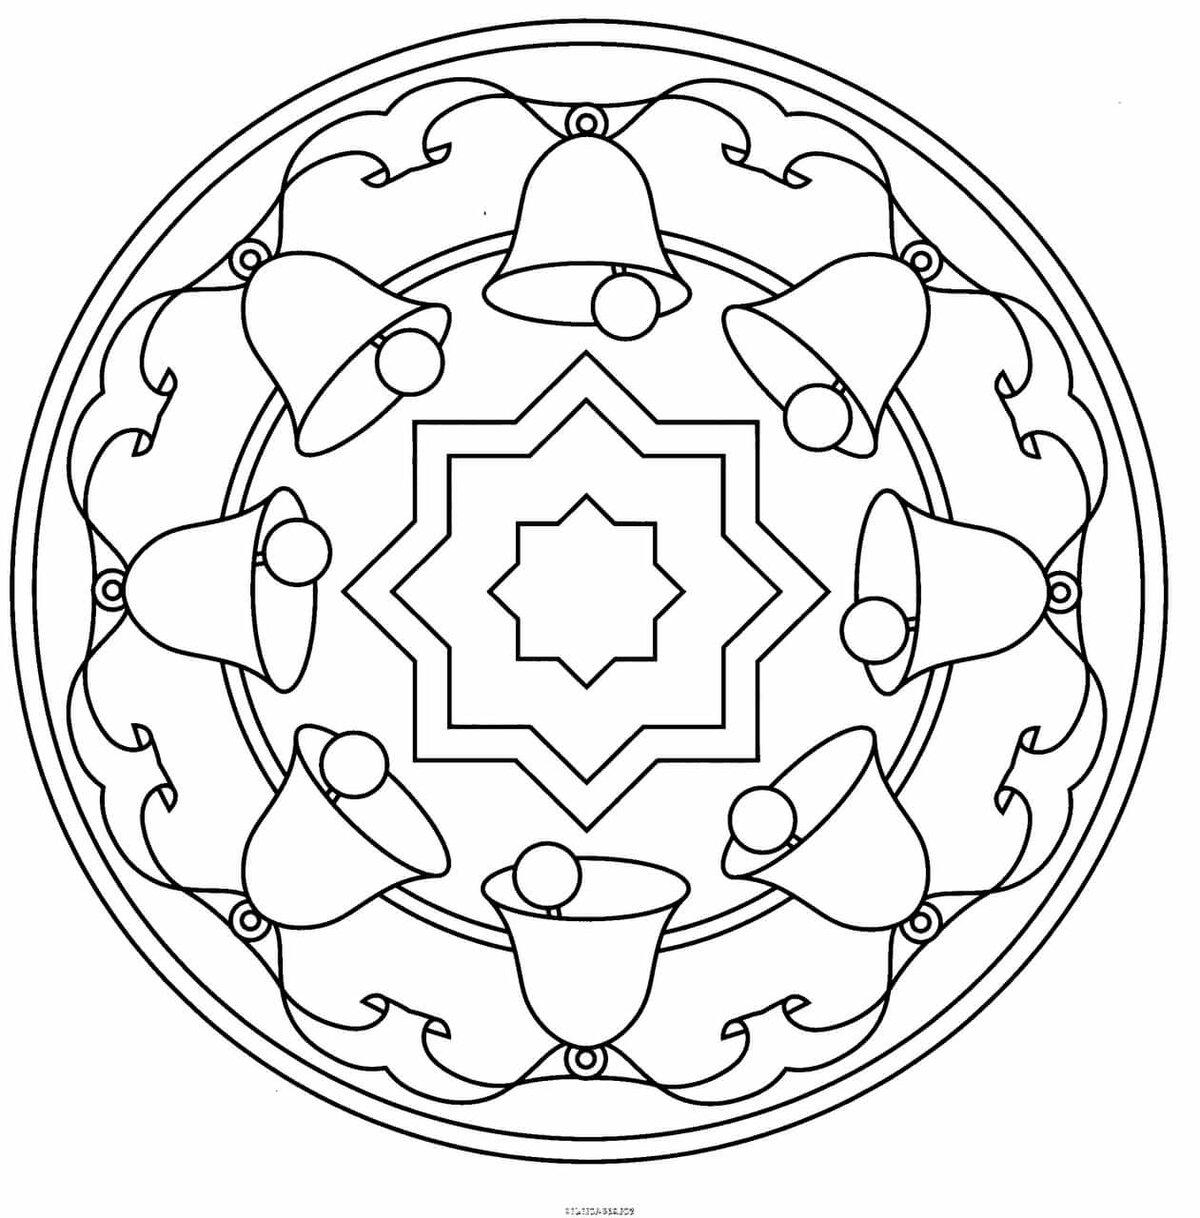 Орнаменты на посуде картинки для раскрашивания